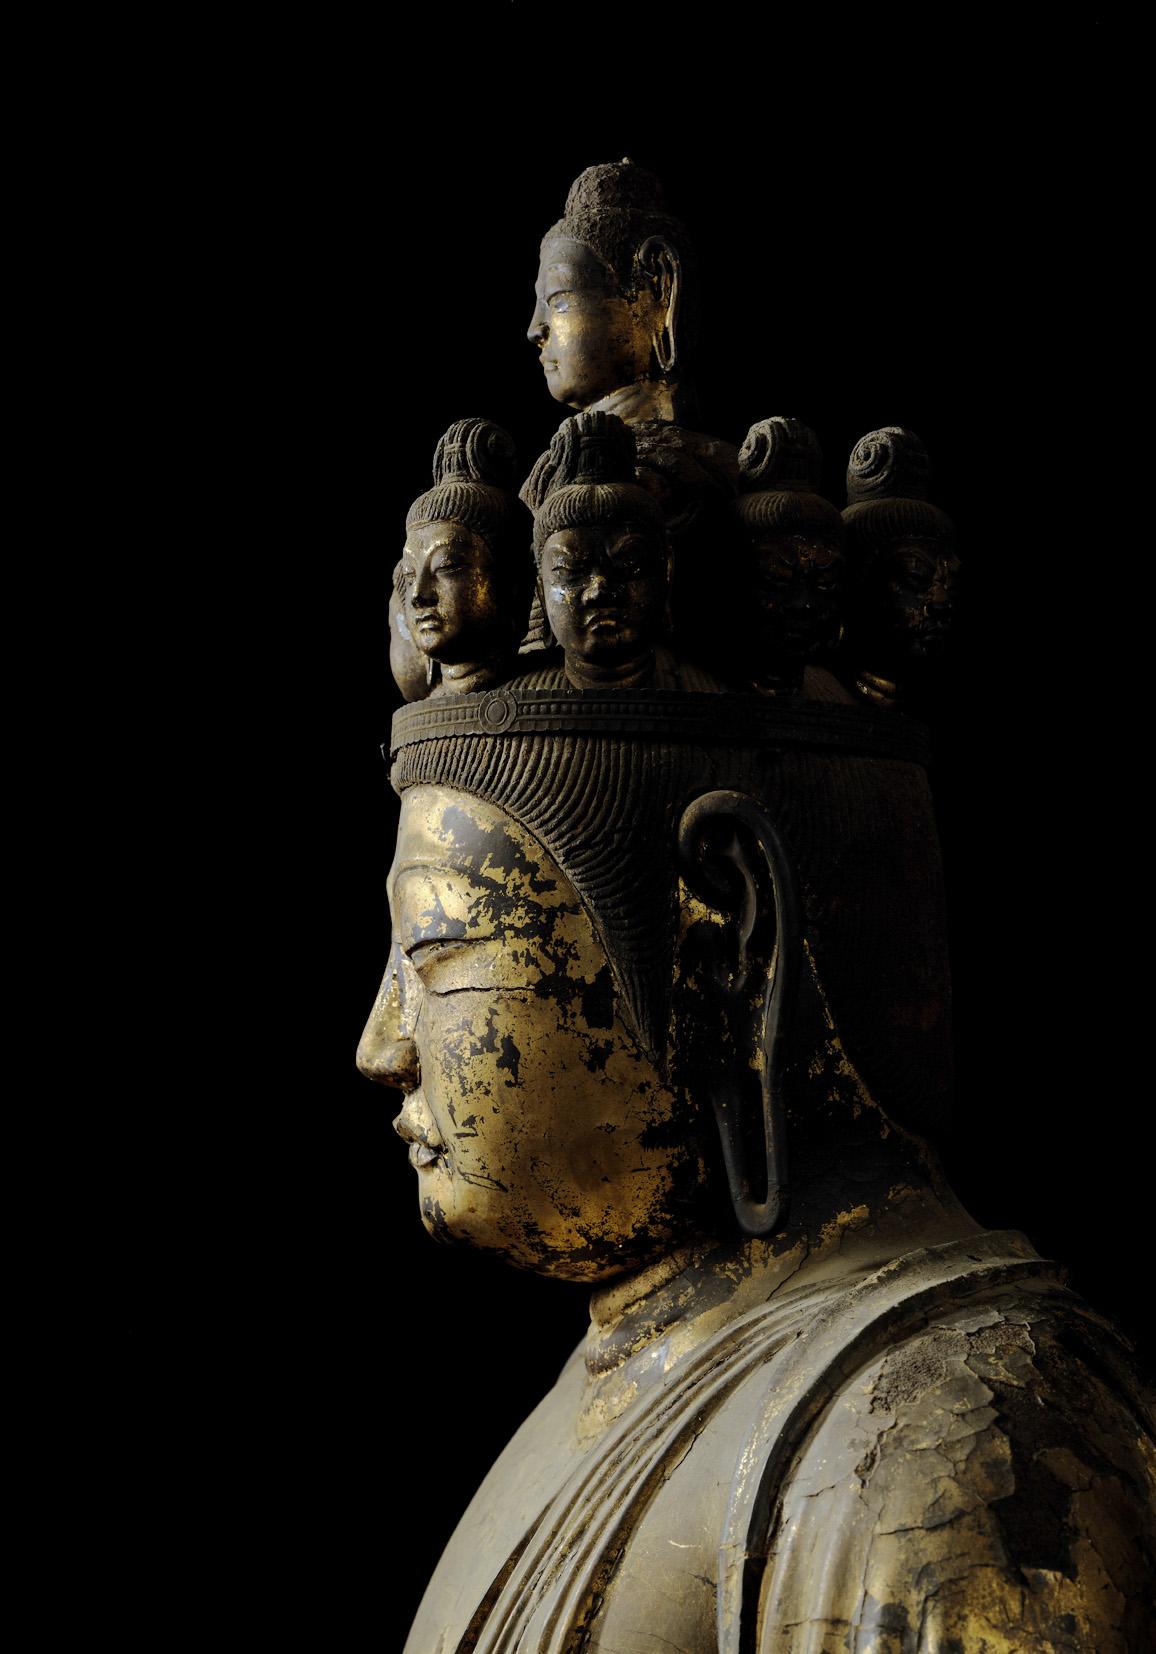 foto tratta dalla ostra statute di buddha nella terra di Yamato